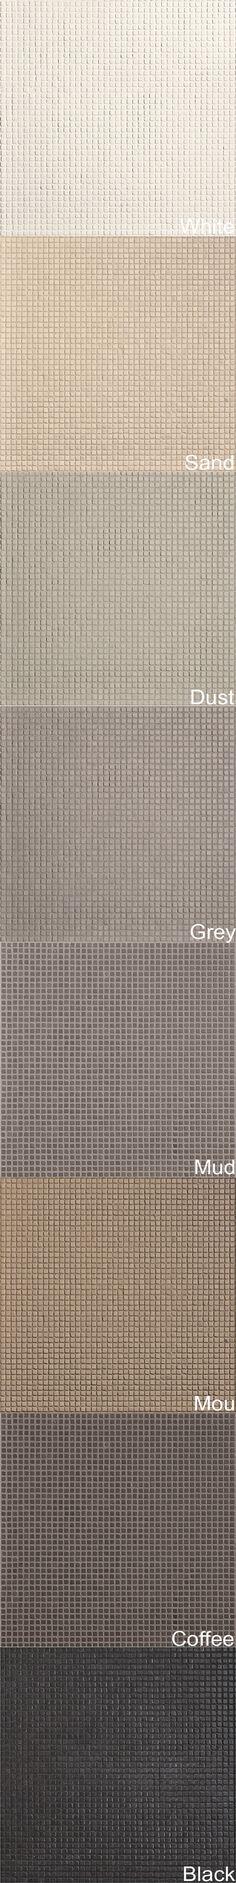 I FRAMMENTI www.brixweb.com #brix #tile #tiles